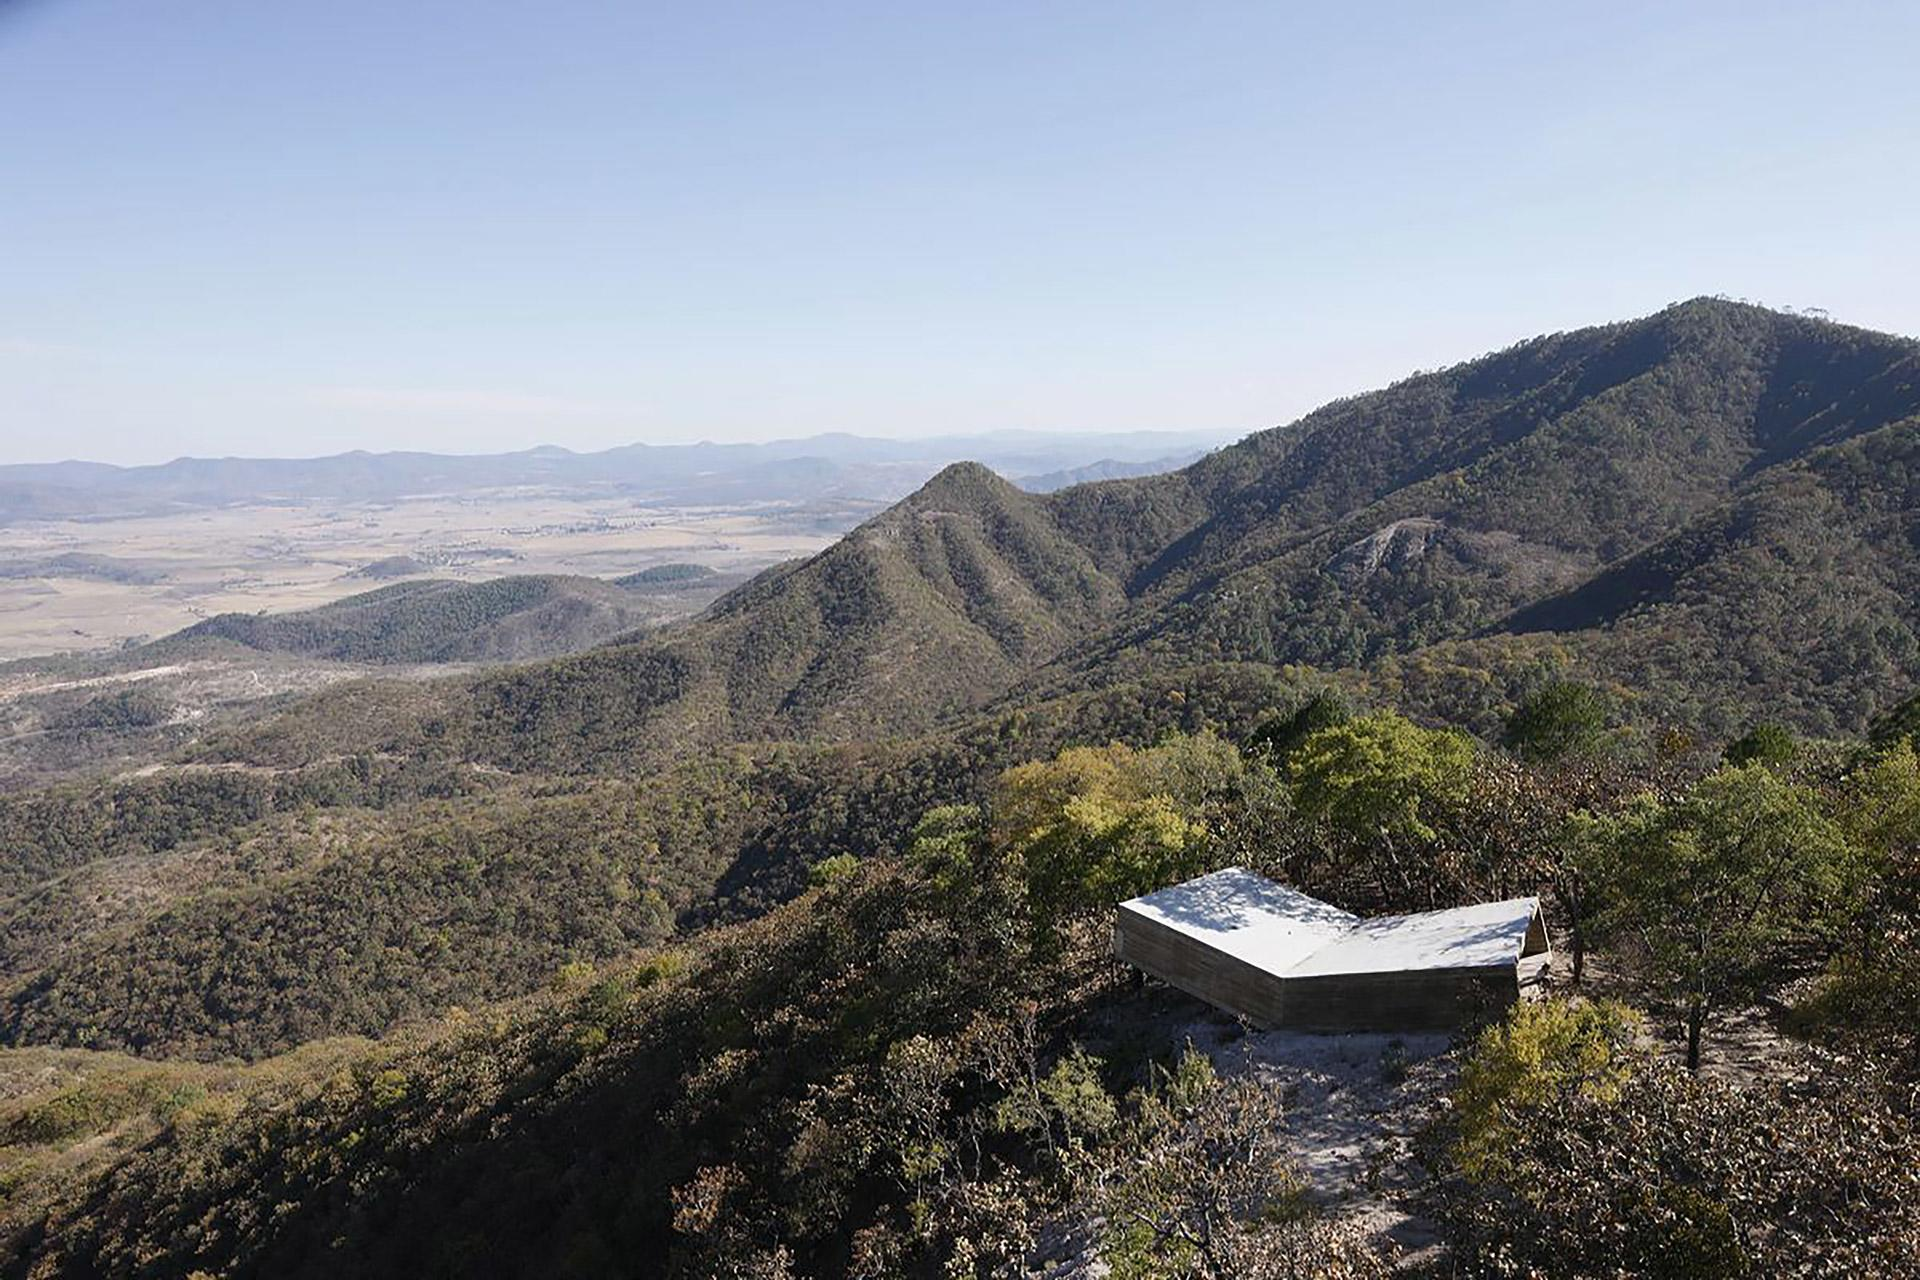 Alejandro-Aravena-Las-Cruces-Pilgrim-Lookout-Point-01